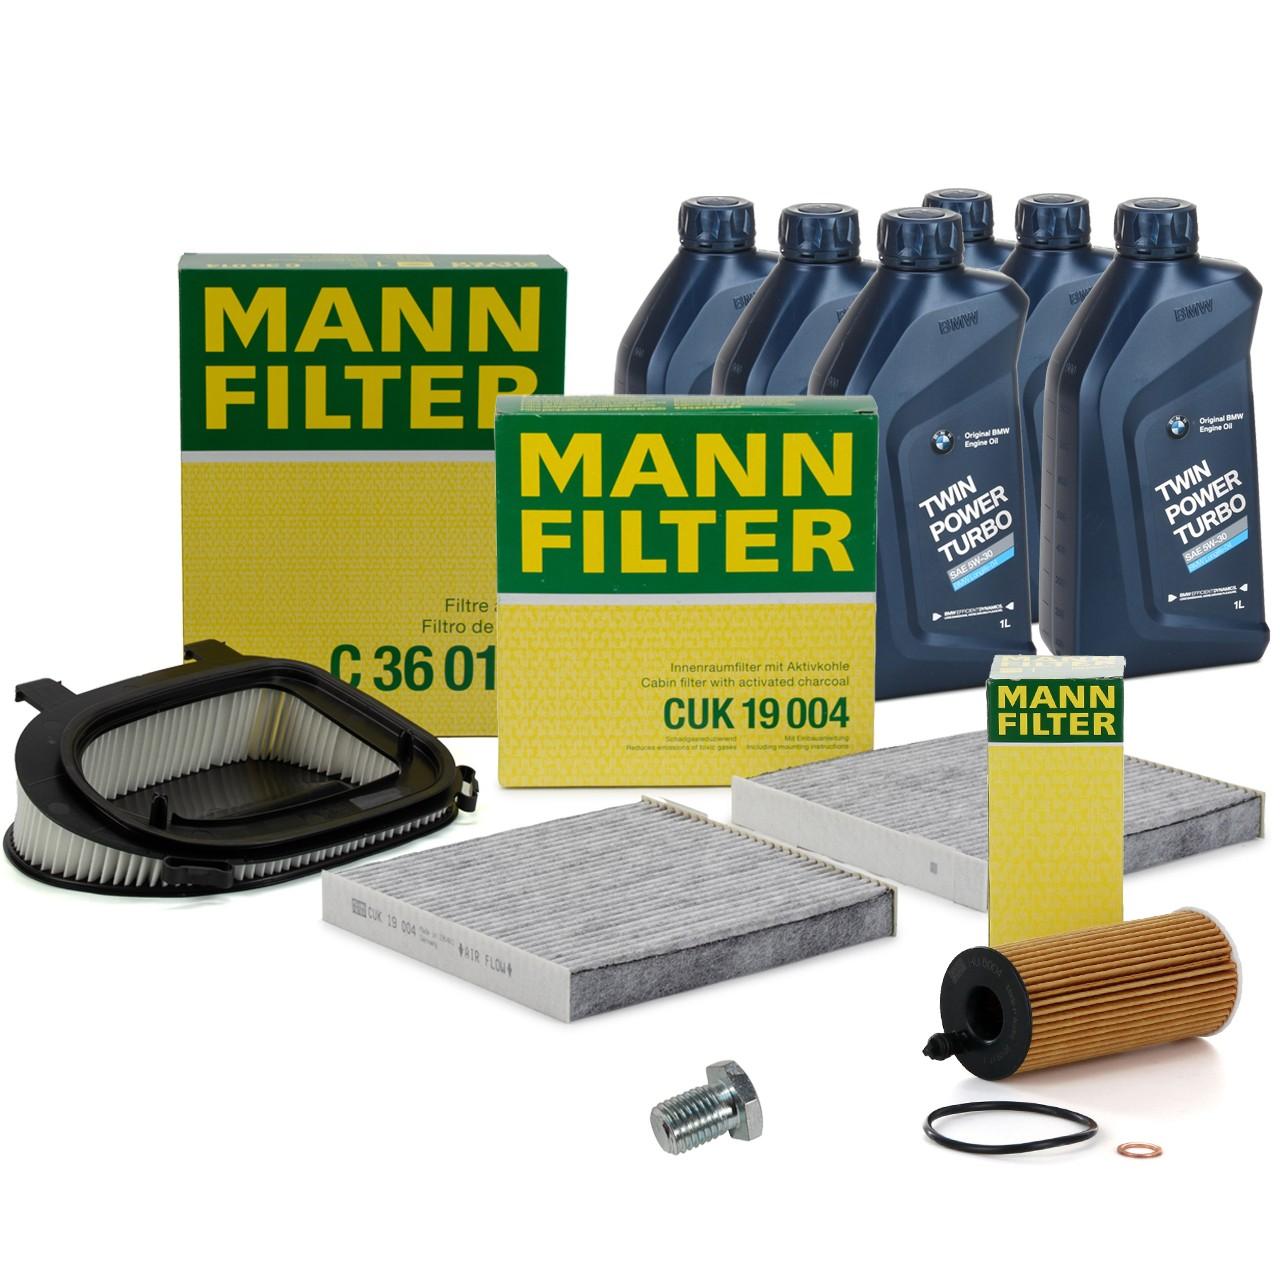 MANN Inspektionskit + 6 L ORIGINAL BMW 5W30 Motoröl für X3 F25 18d 20d 30d